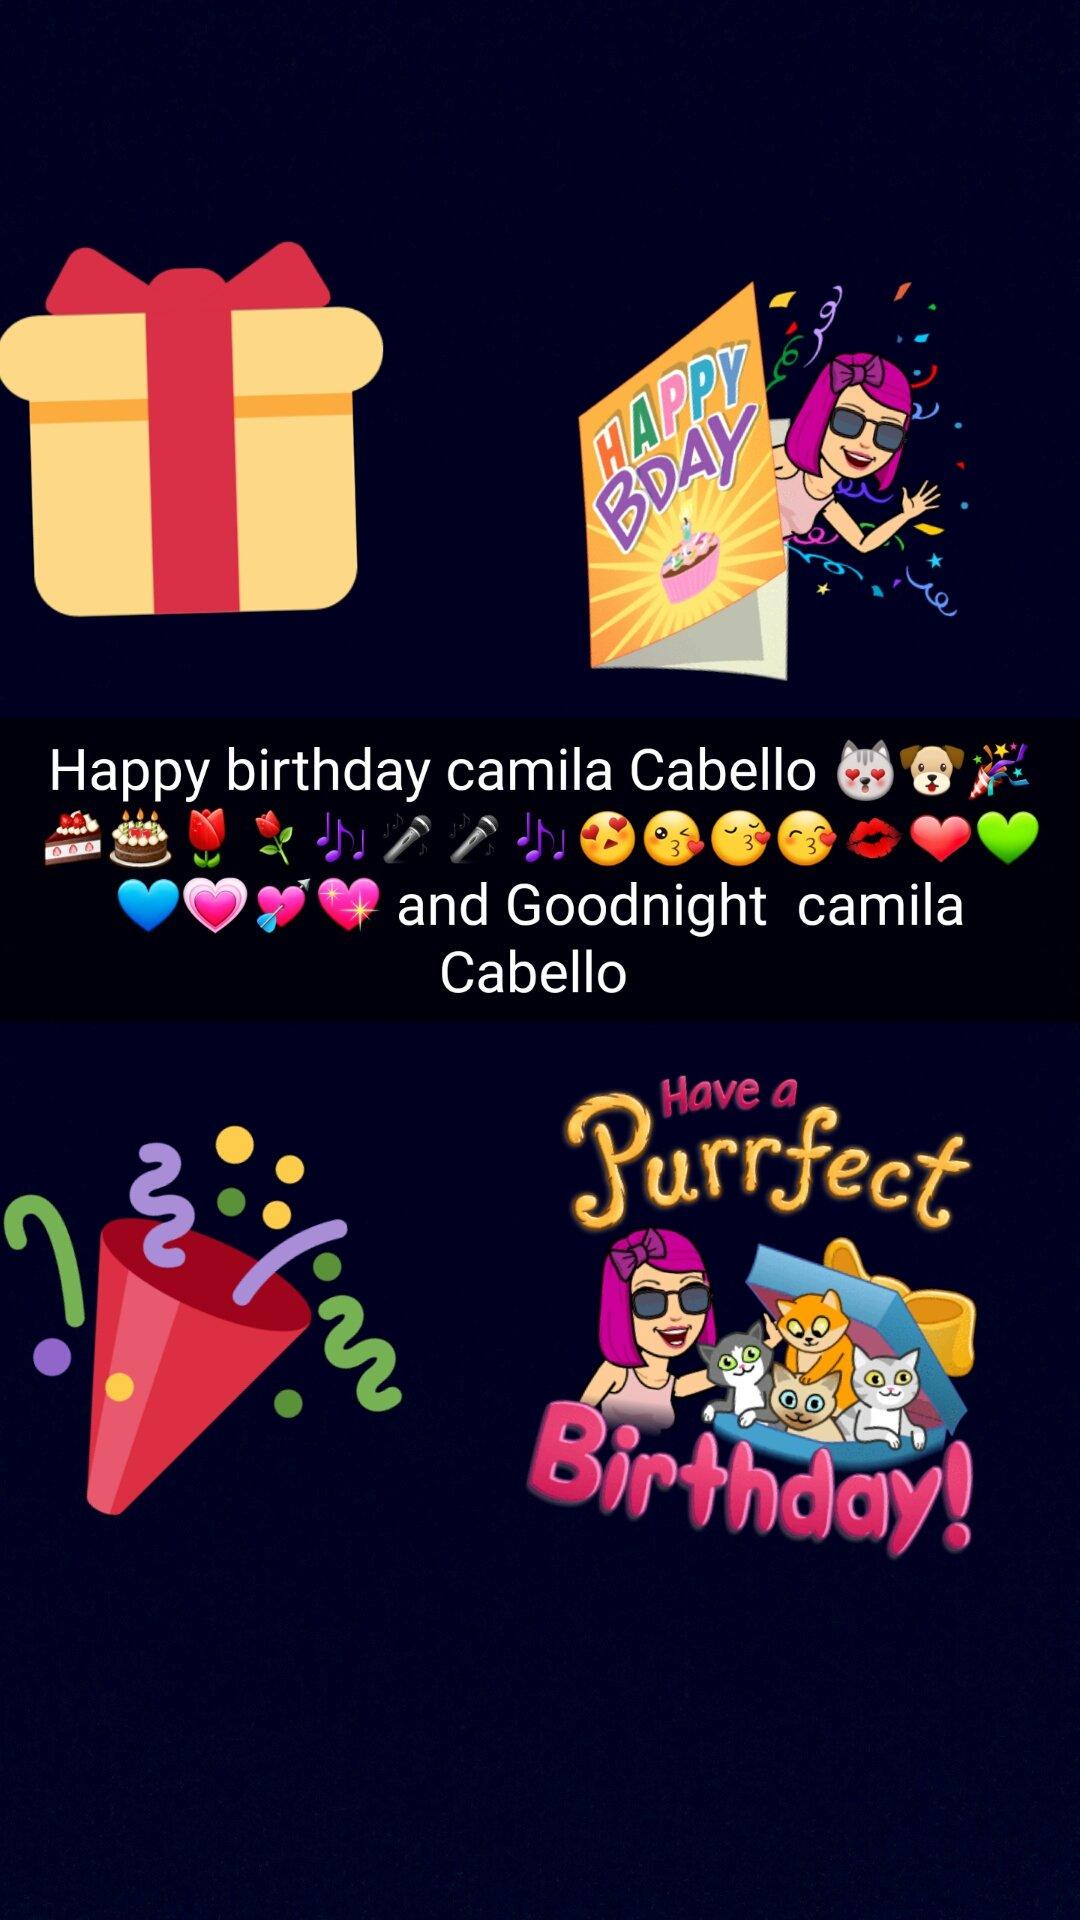 Happy birthday camila Cabello                            Goodnight  camila Cabello and Fifth Harmony